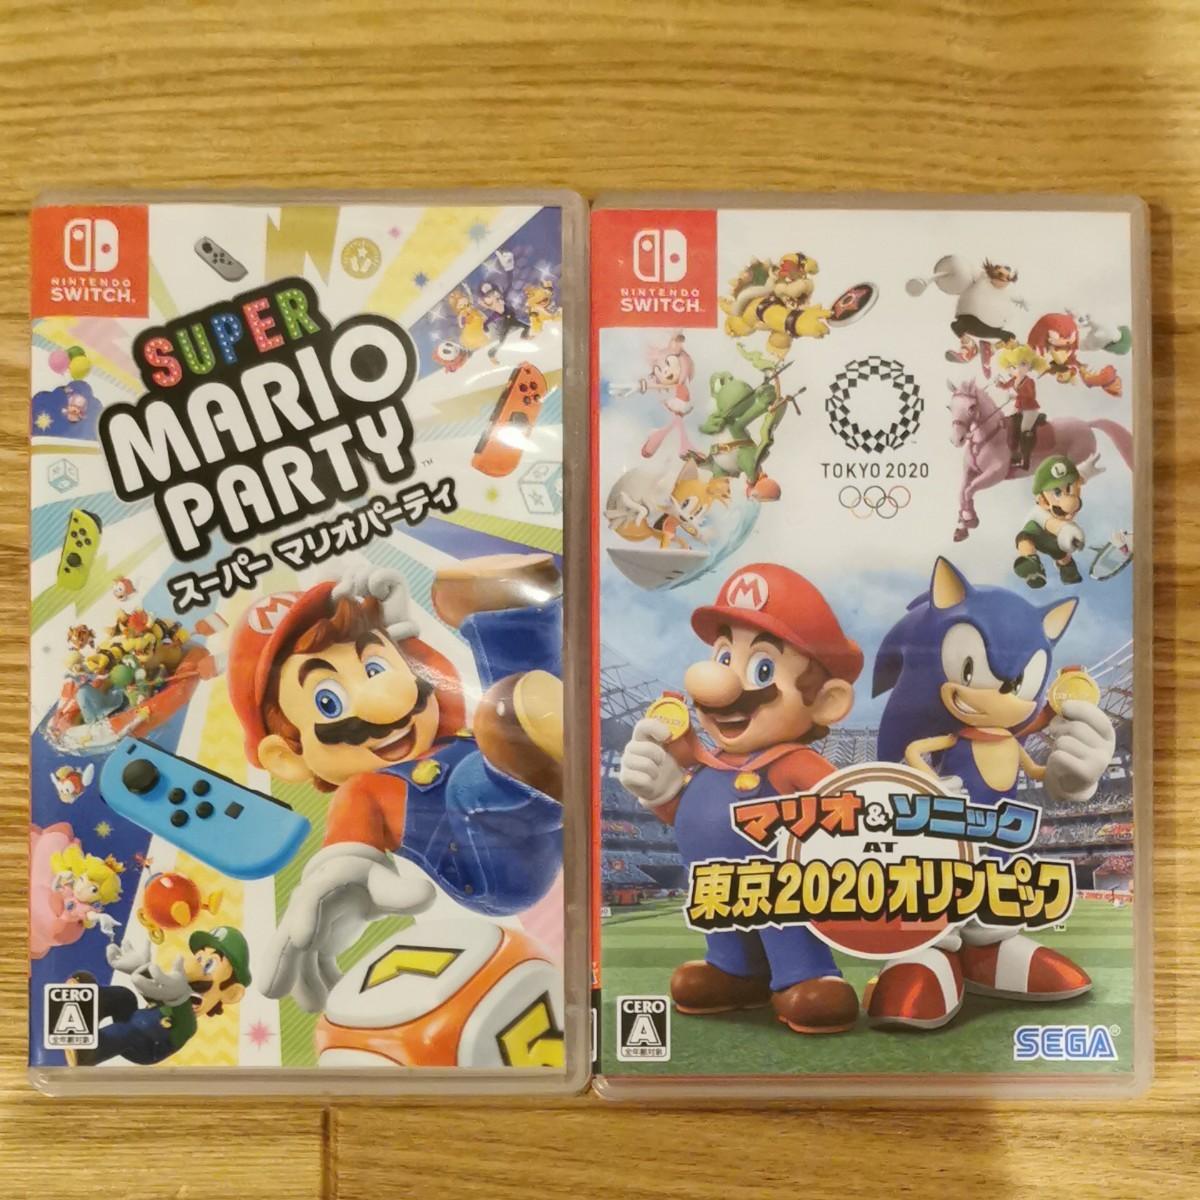 Nintendo Switch スーパーマリオパーティ マリオ&ソニックAT東京2020オリンピック セット